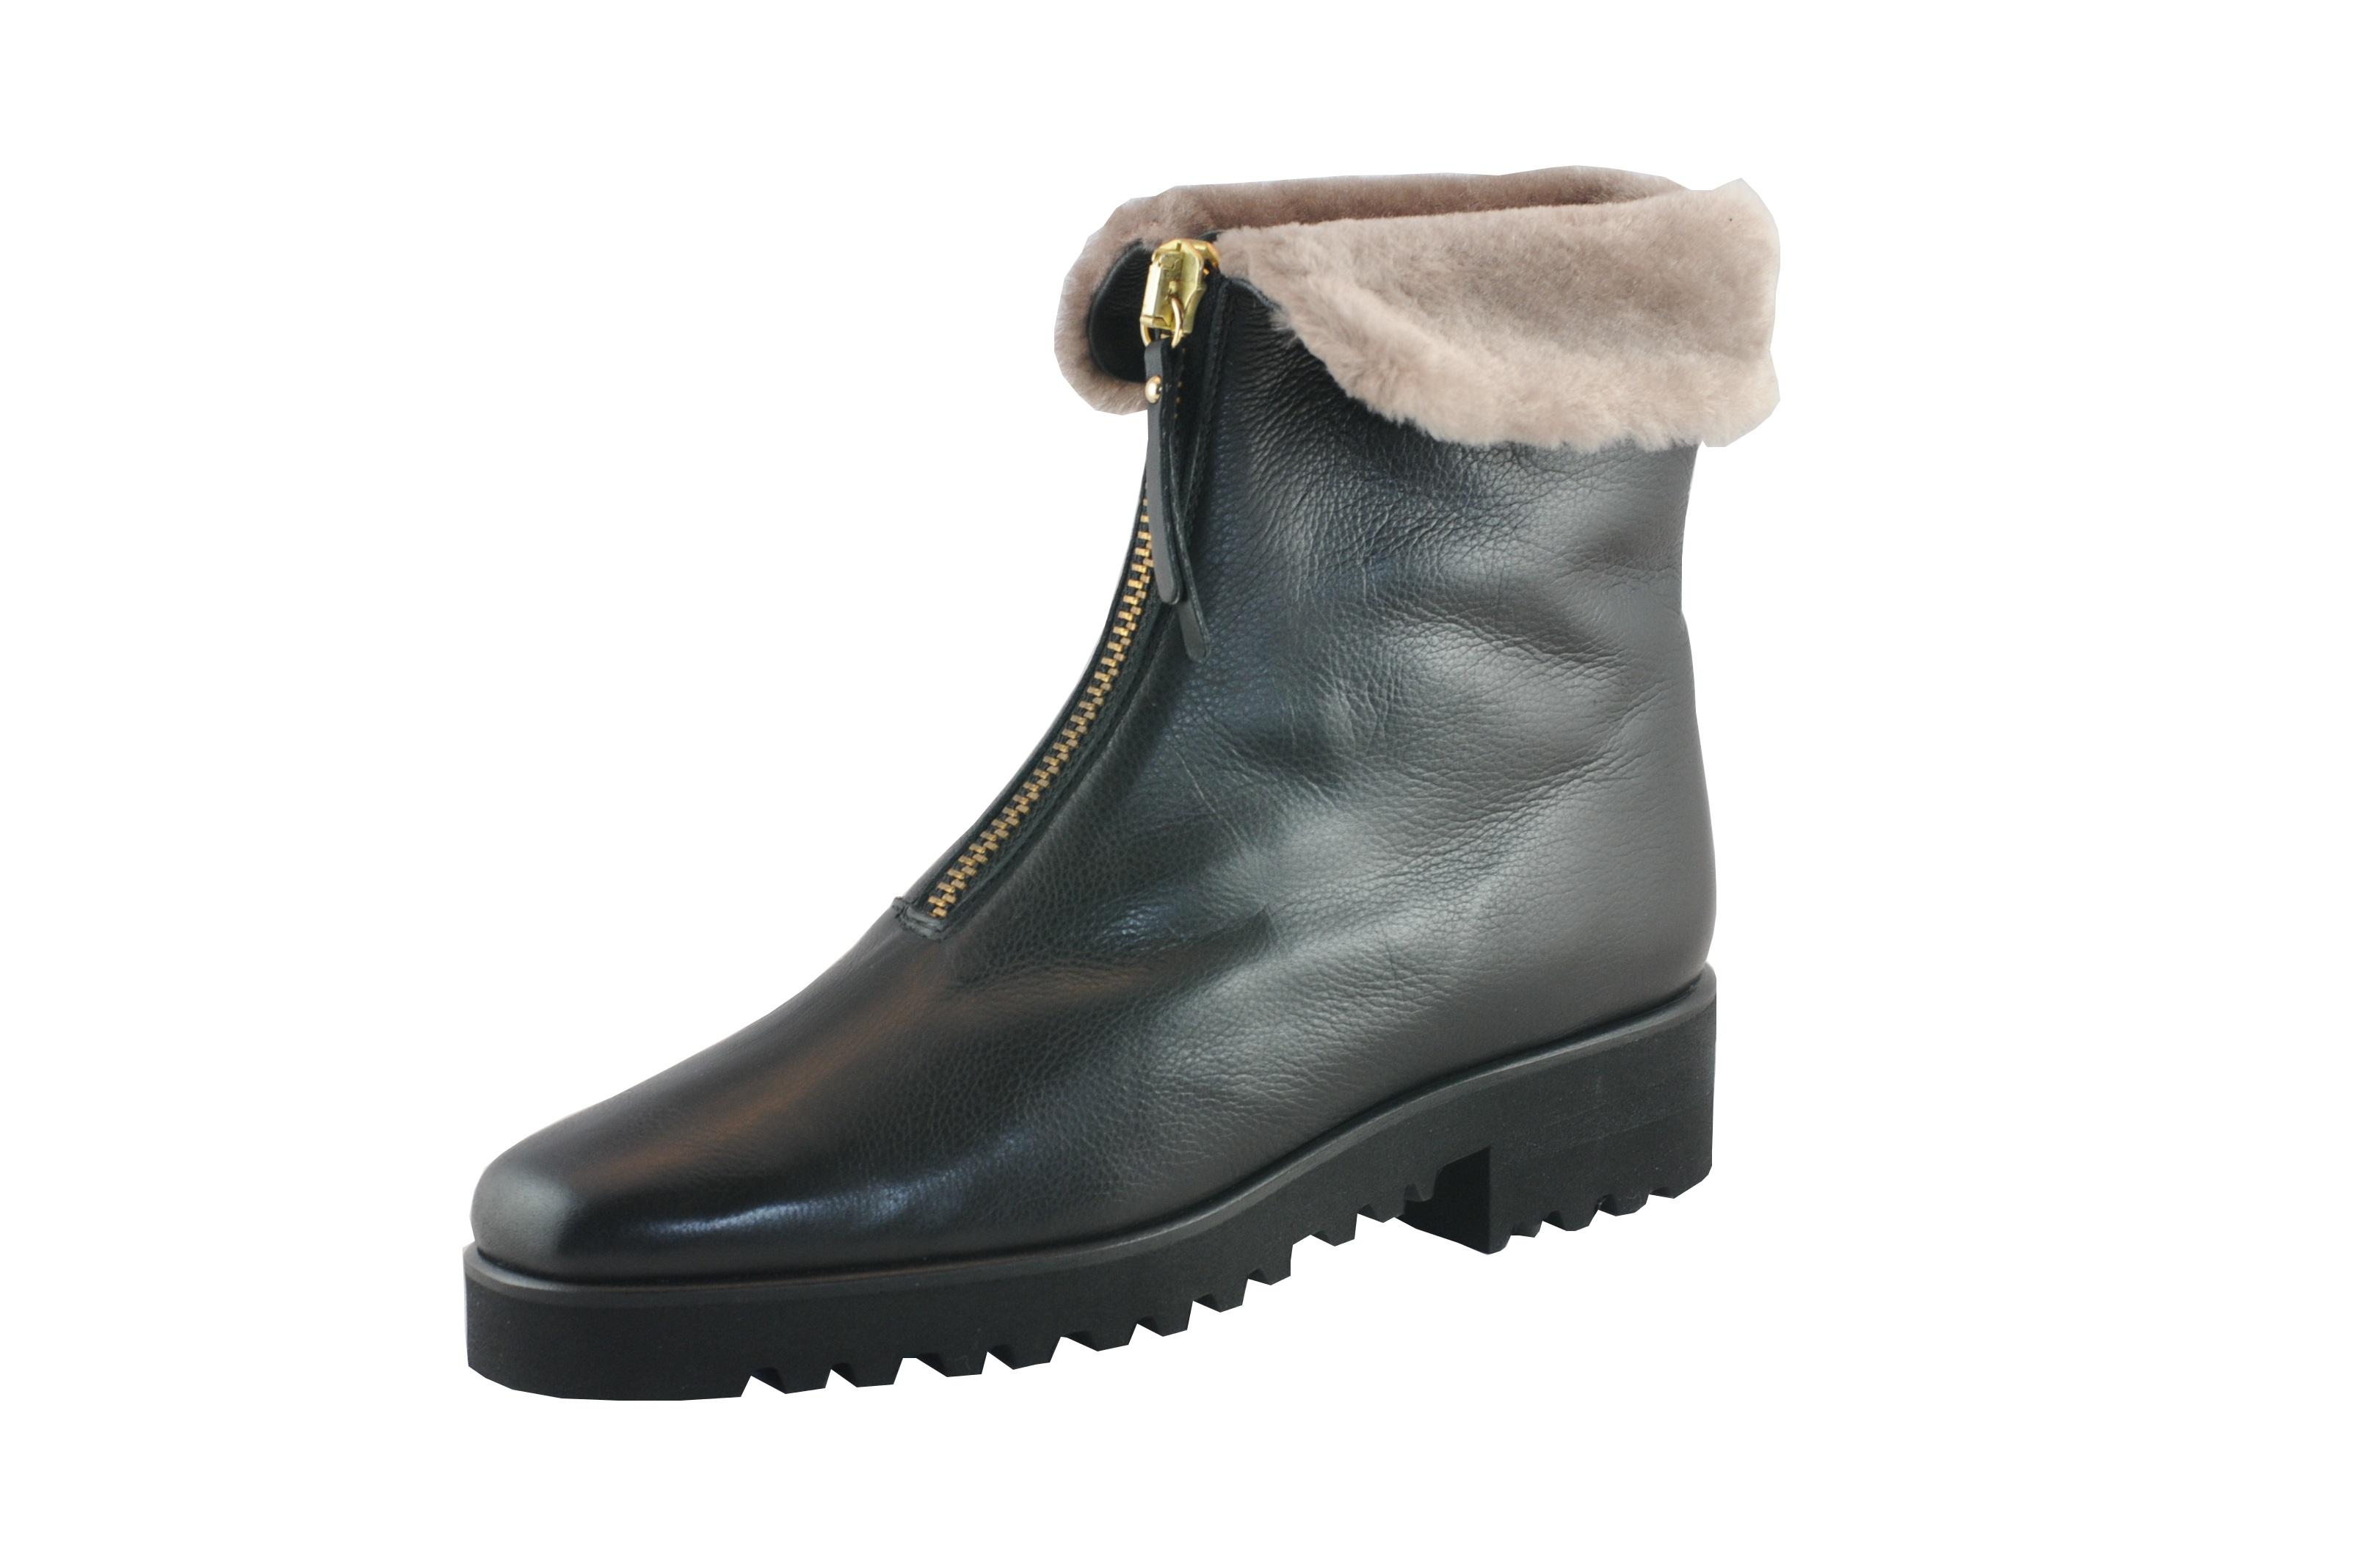 Schuh Ober Moda di Fausto Damen Stiefel, Stiefeletten und 7aSGG